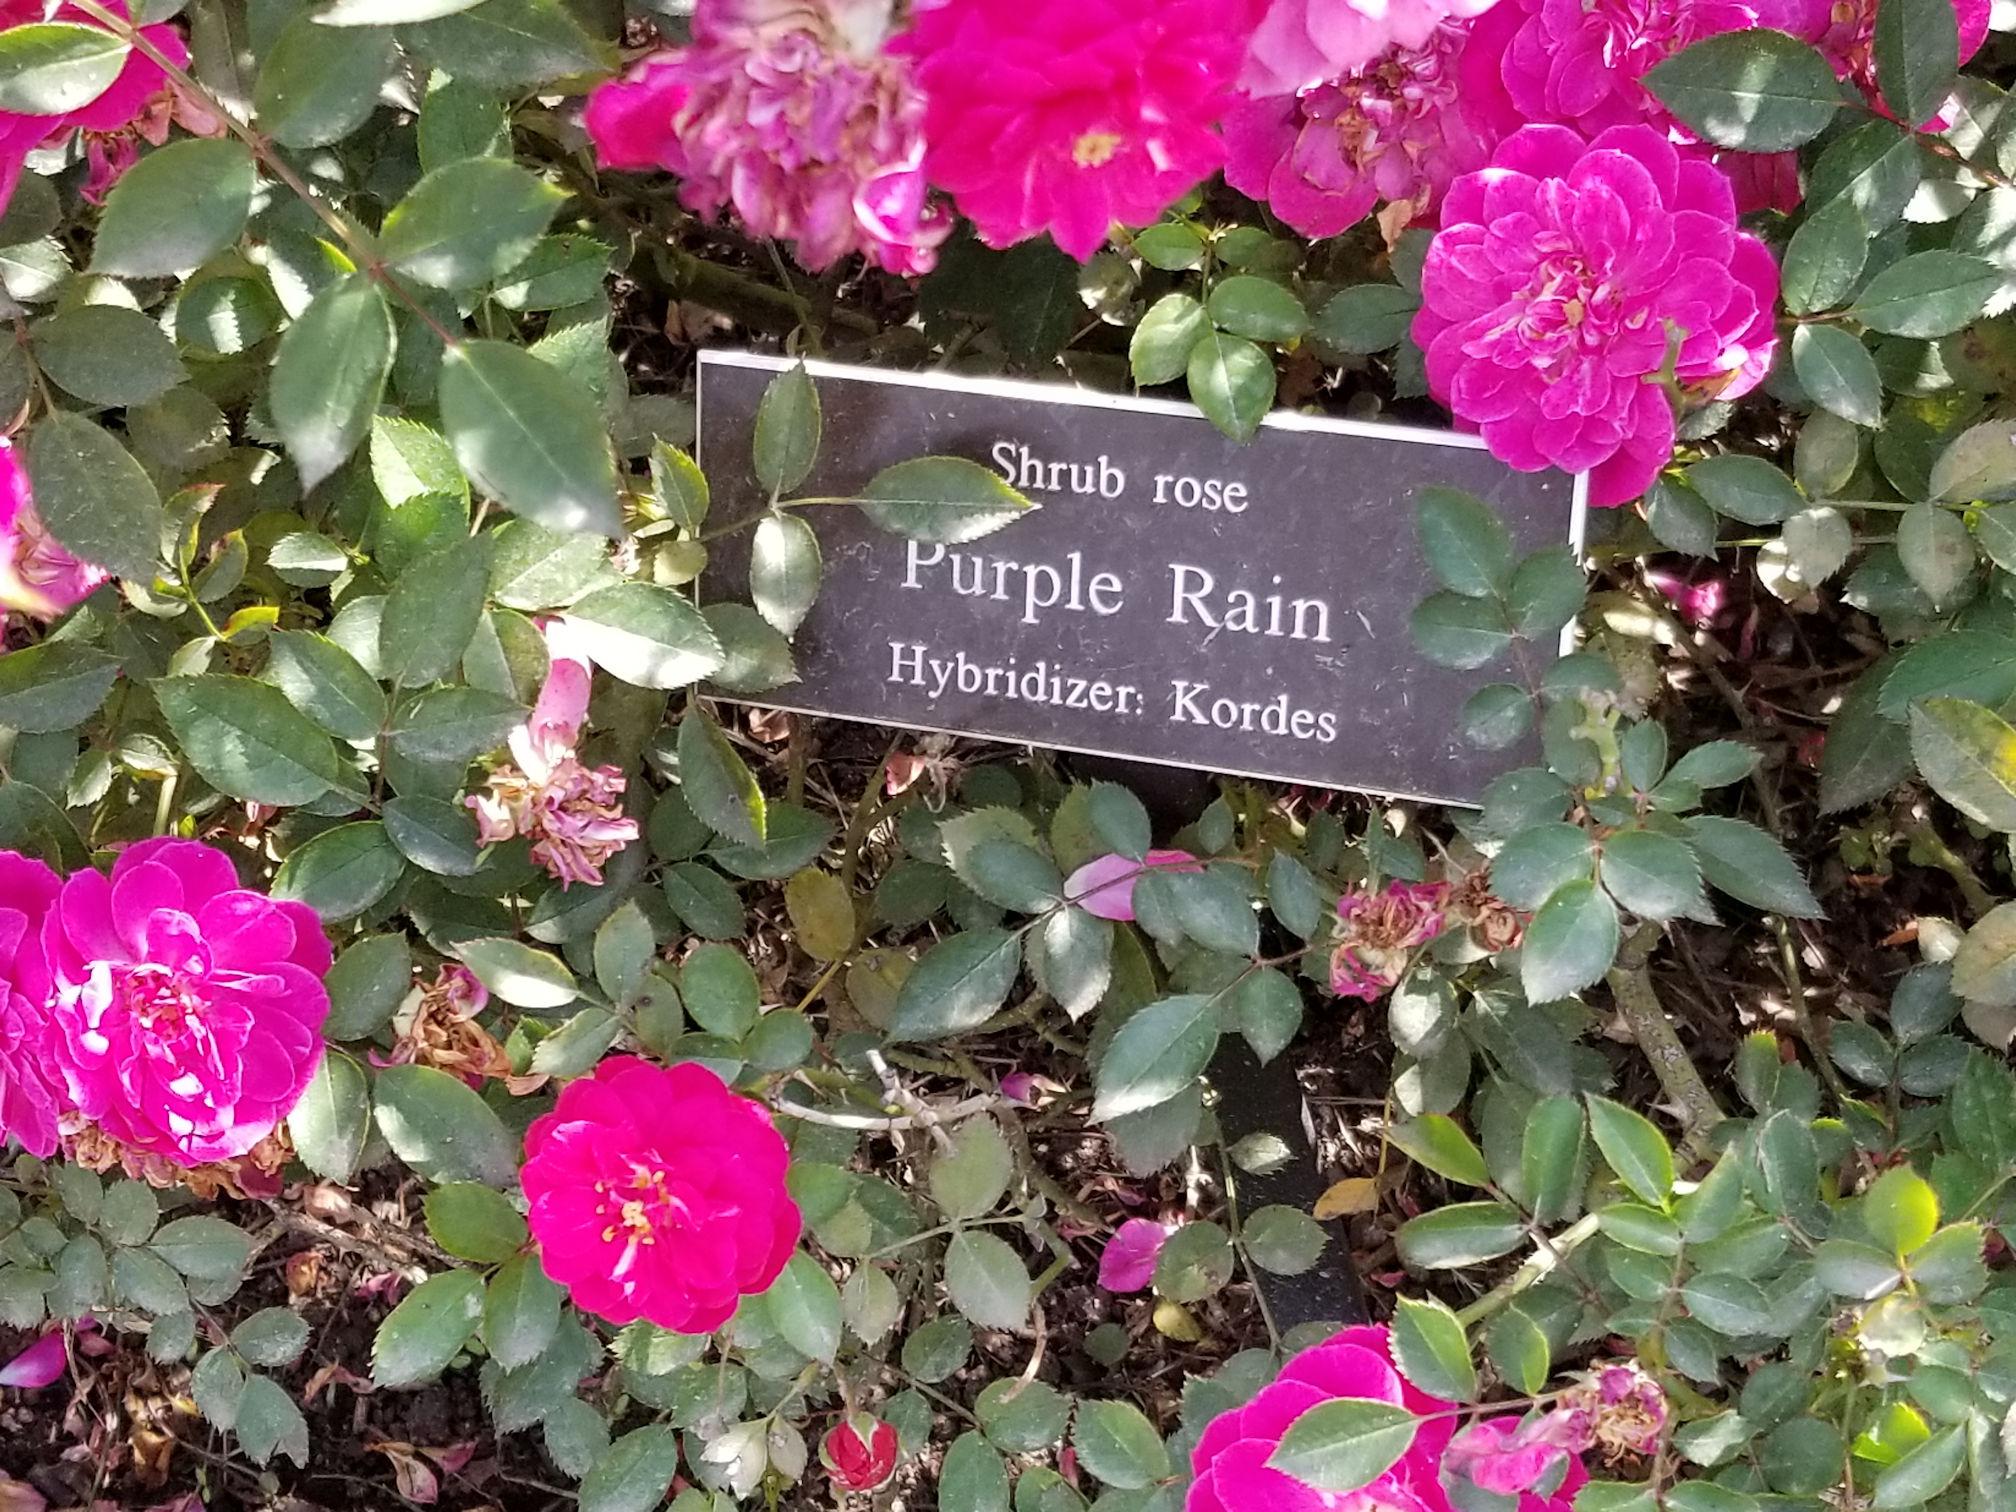 роза шраб Cиреневый дождь (фото и описание)